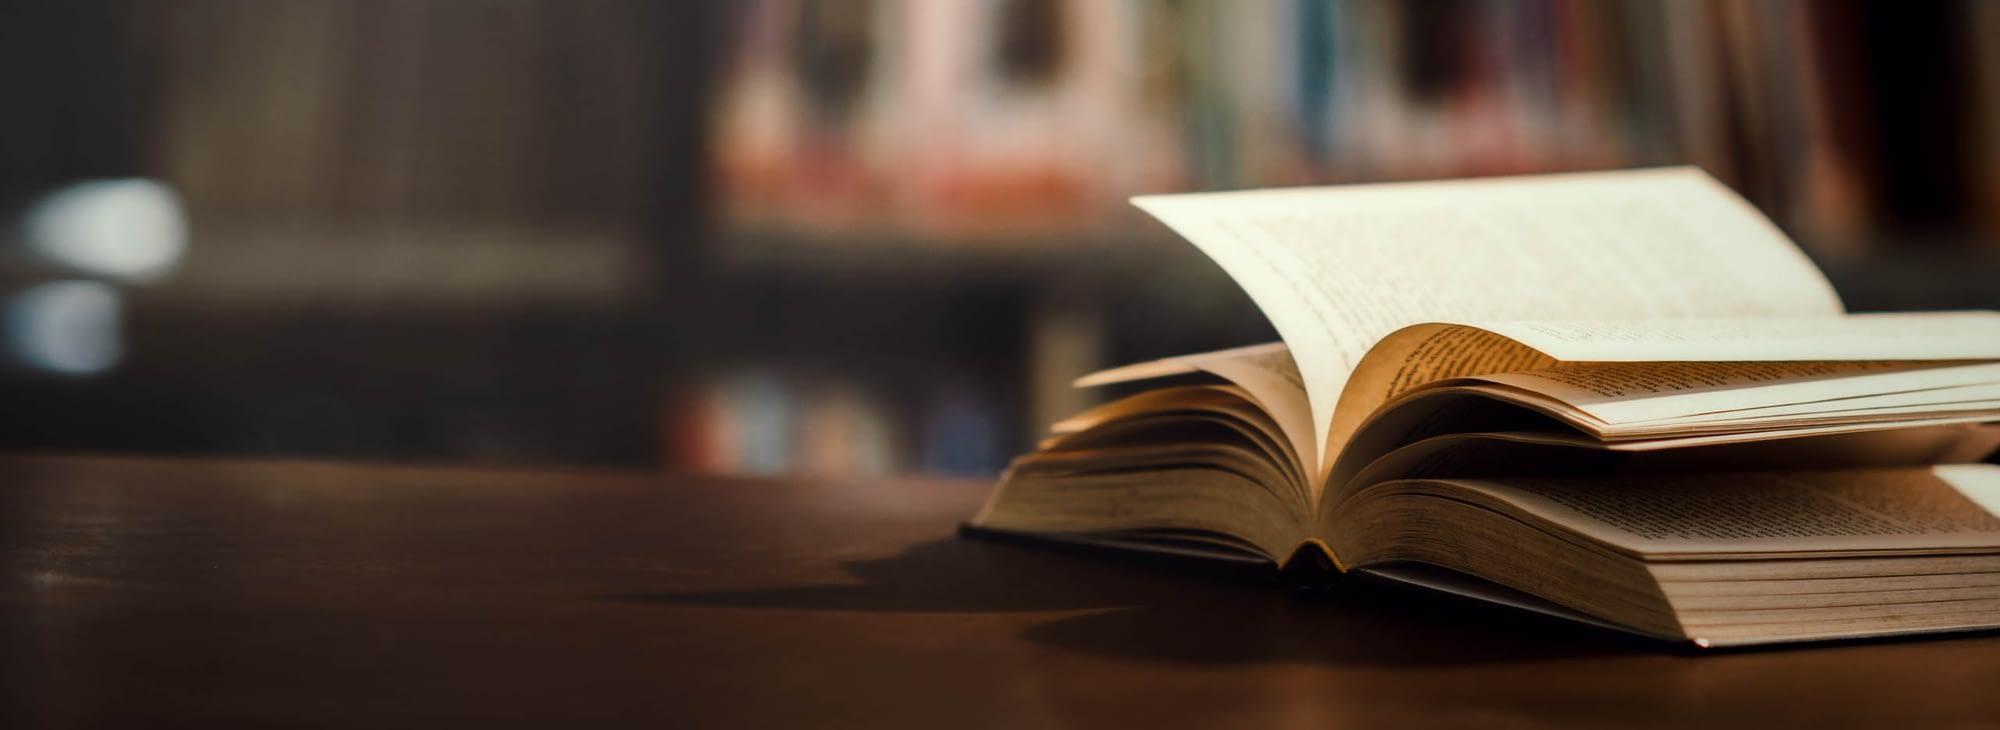 Otvorena knjiga u knjižnici